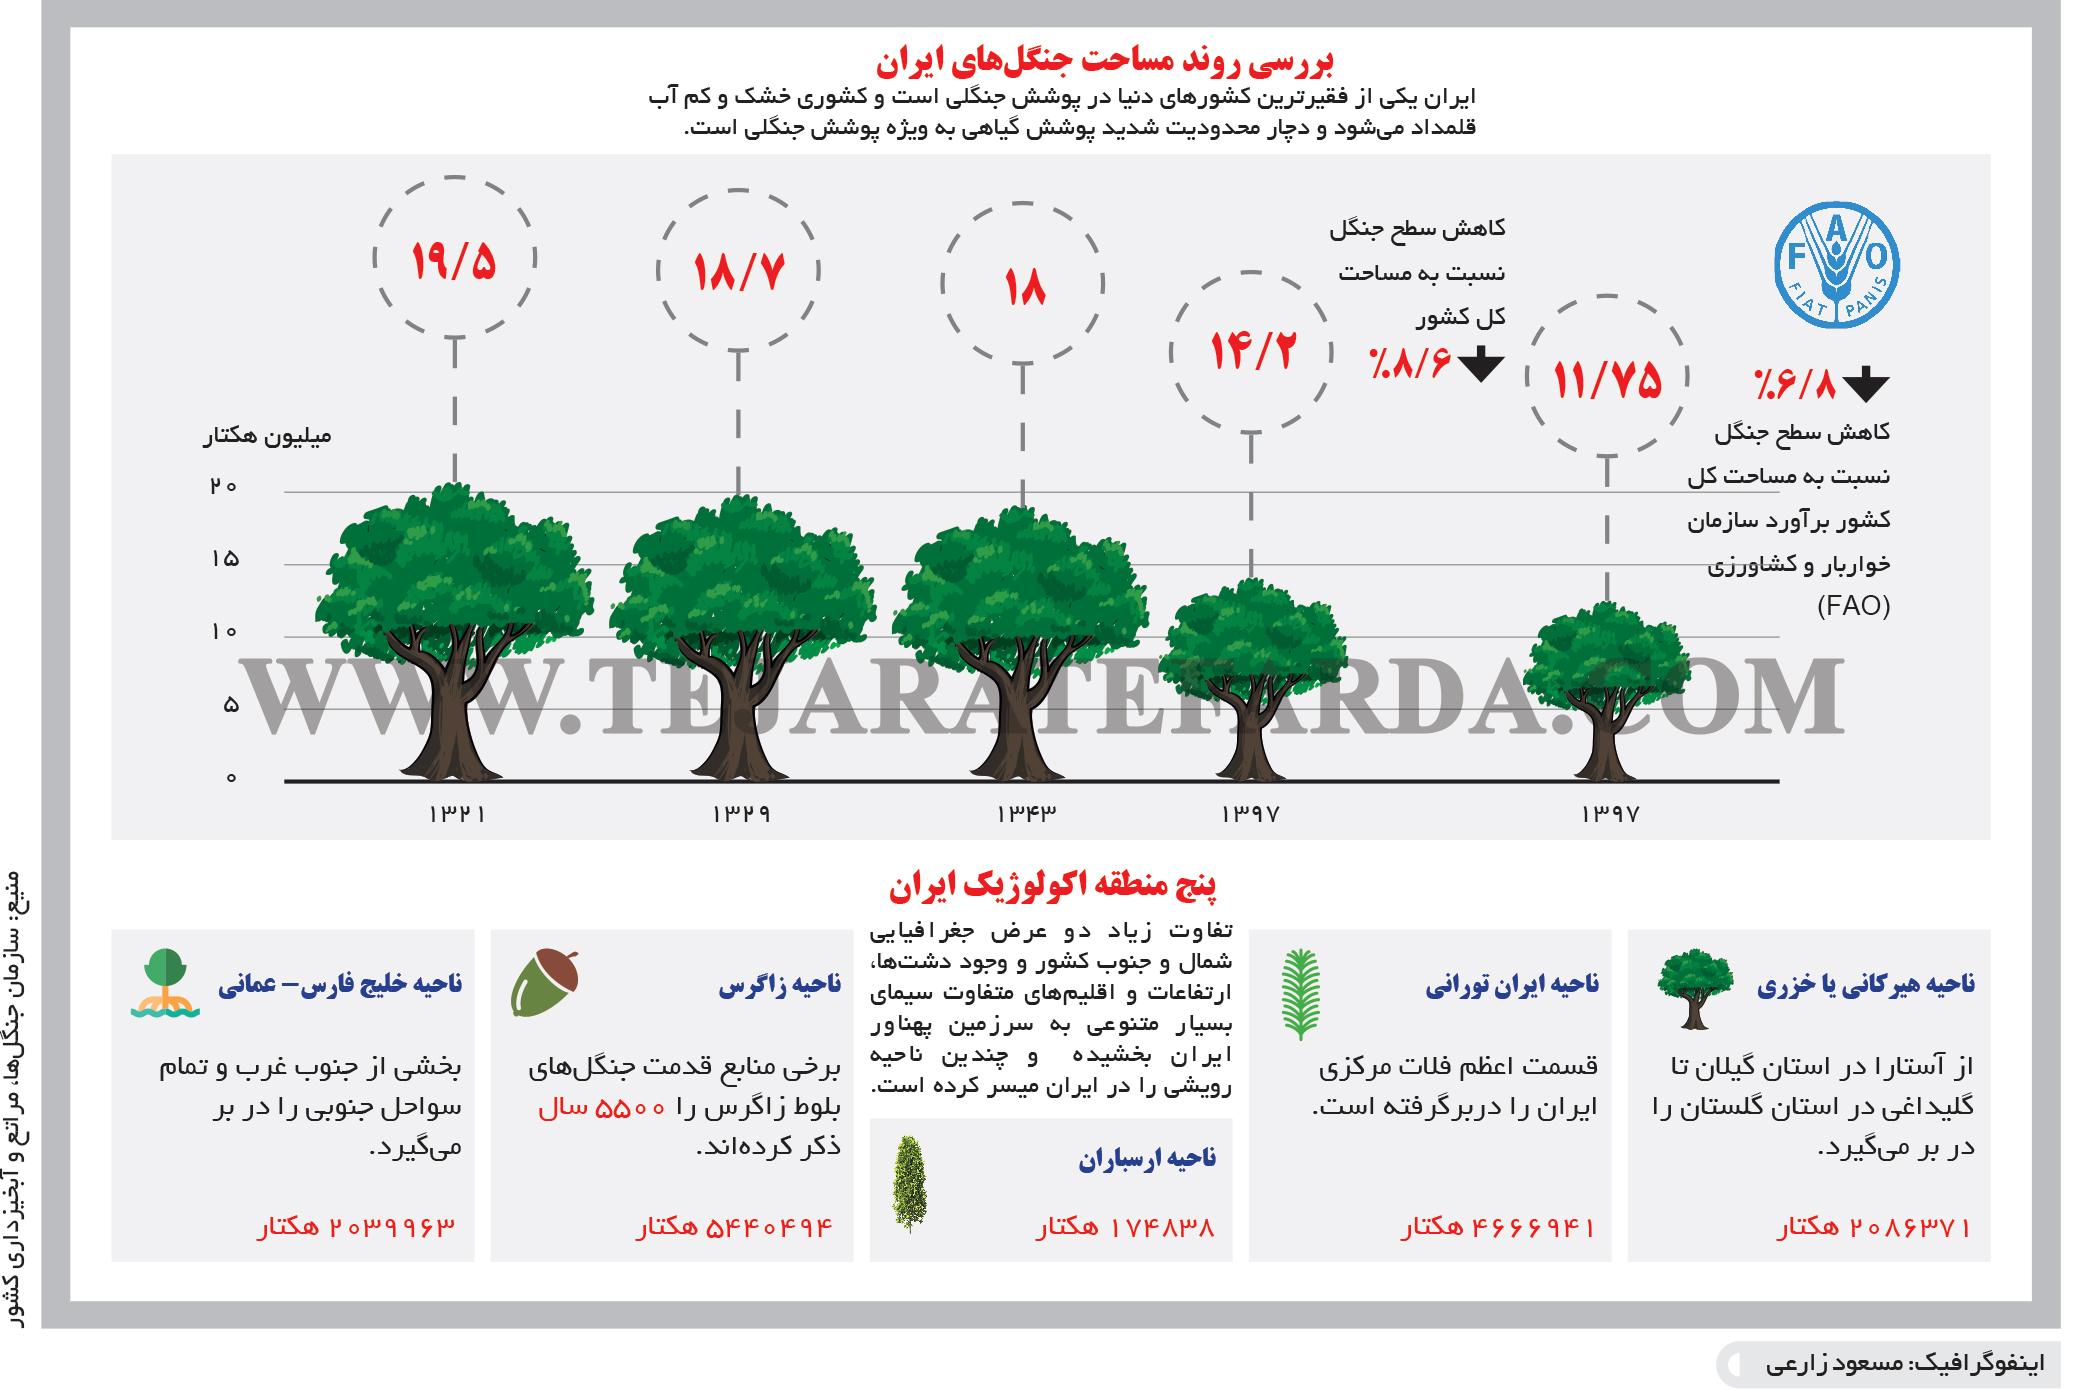 تجارت- فردا- بررسی روند مساحت جنگلهای ایران(اینفوگرافیک)